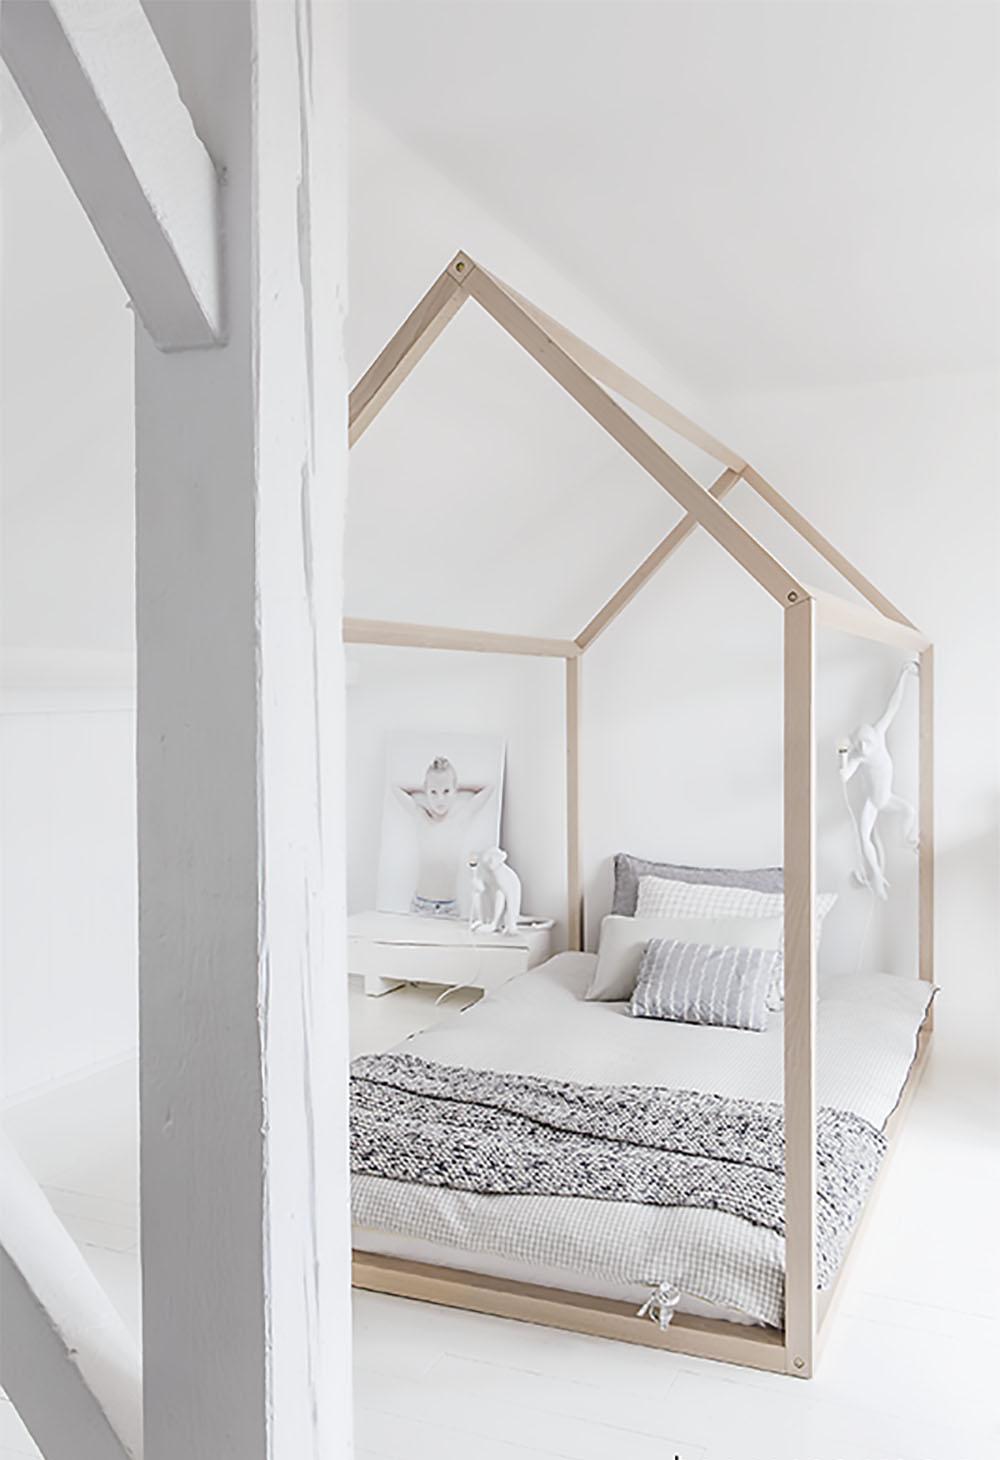 light children's house bed